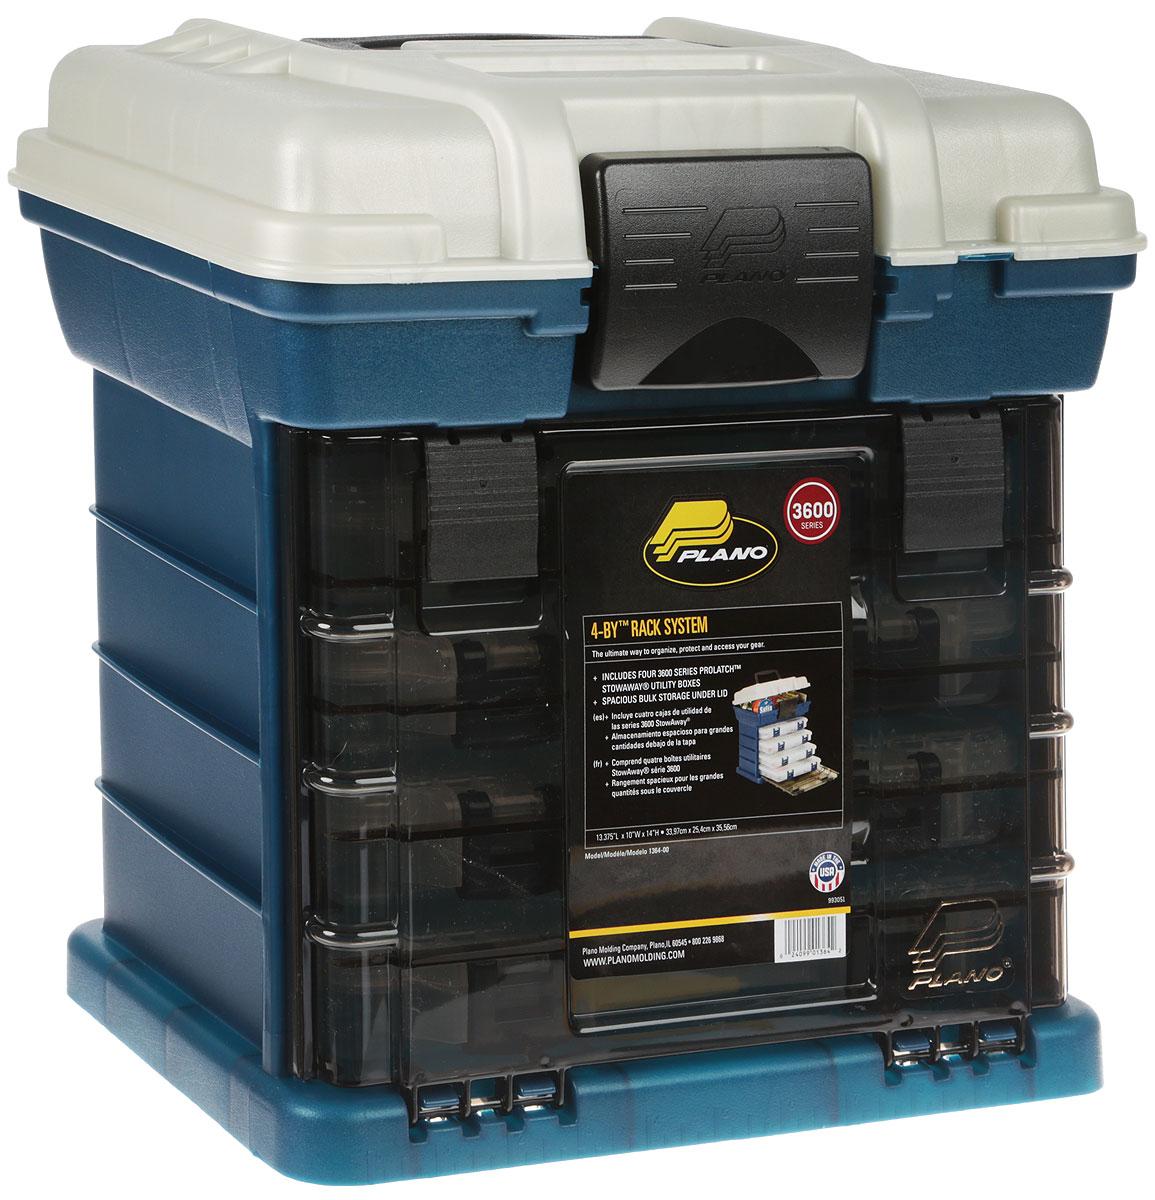 Ящик Plano 1364-00 - выполнен из высокопрочного легкого и безопасного пластика, с фурнитурой из нержавеющей латуни и предназначен для длительного хранения и транспортировки рыболовных снастей (в том числе и для силиконовых приманок). Включает в себя четыре контейнера модели Plano 2-3500-00 с защелками, с возможностью заменить на модели Plano 2-3600-00модель Plano 2- 3600-00.  Глубокая, вместительная верхняя часть. Удобен для хранения большого количества рыболовных принадлежностей. Габариты: 339х254х355